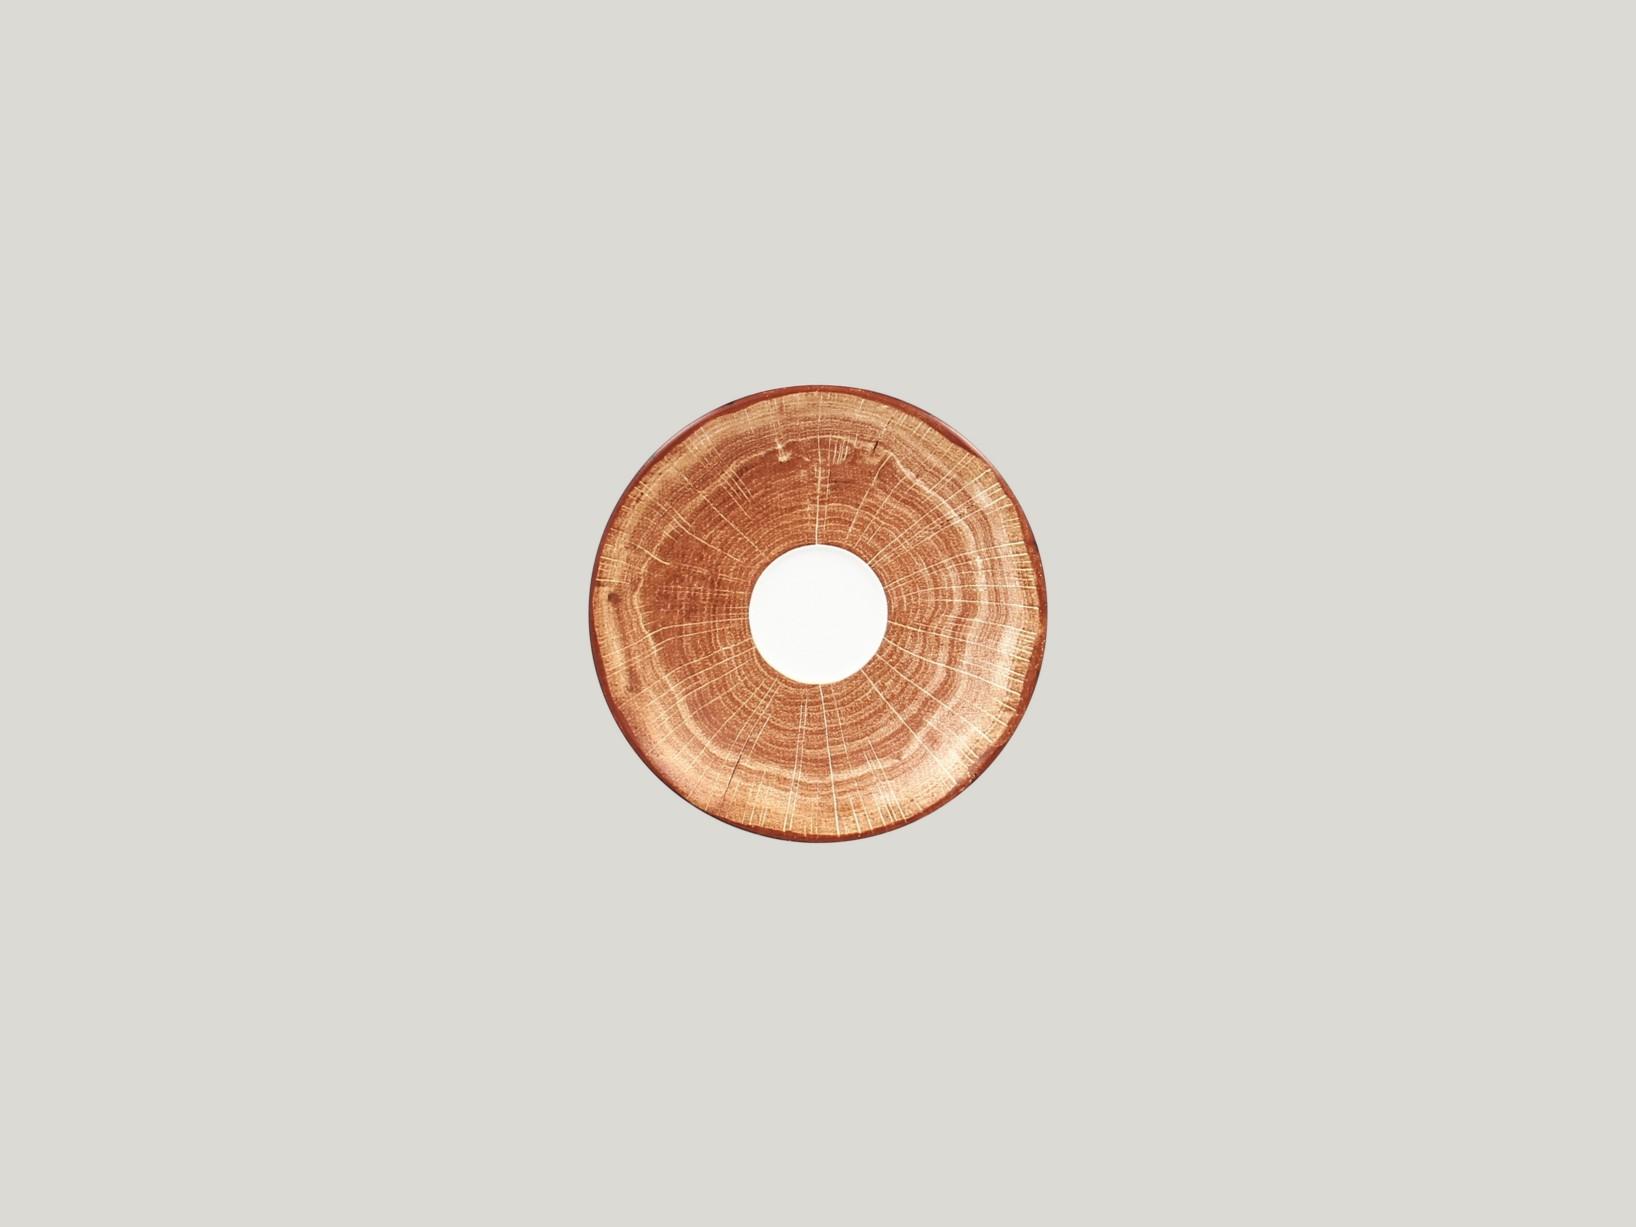 Podšálek pro šálek na kávu CLCU23/CLCU20 - světle hnědá